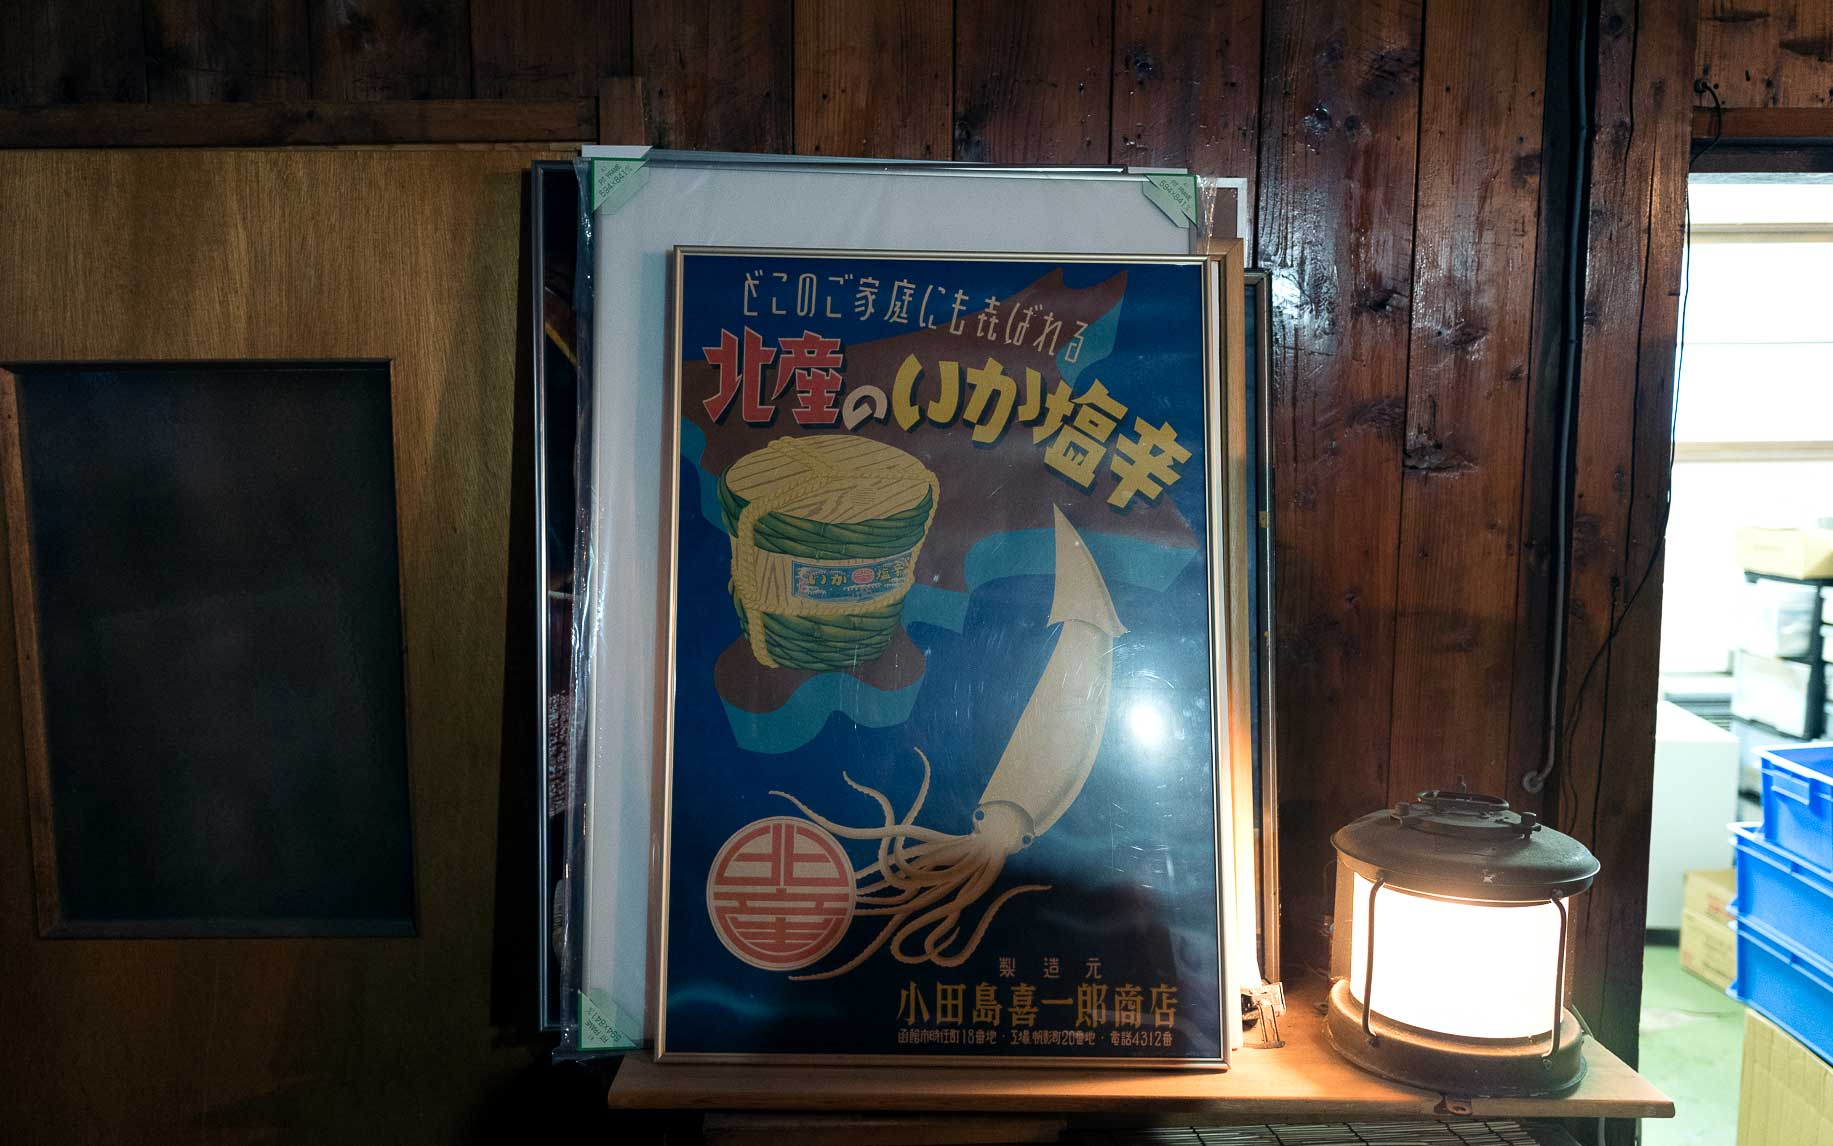 写真が趣味だった二代目・喜一郎さんのデザインしたポスター